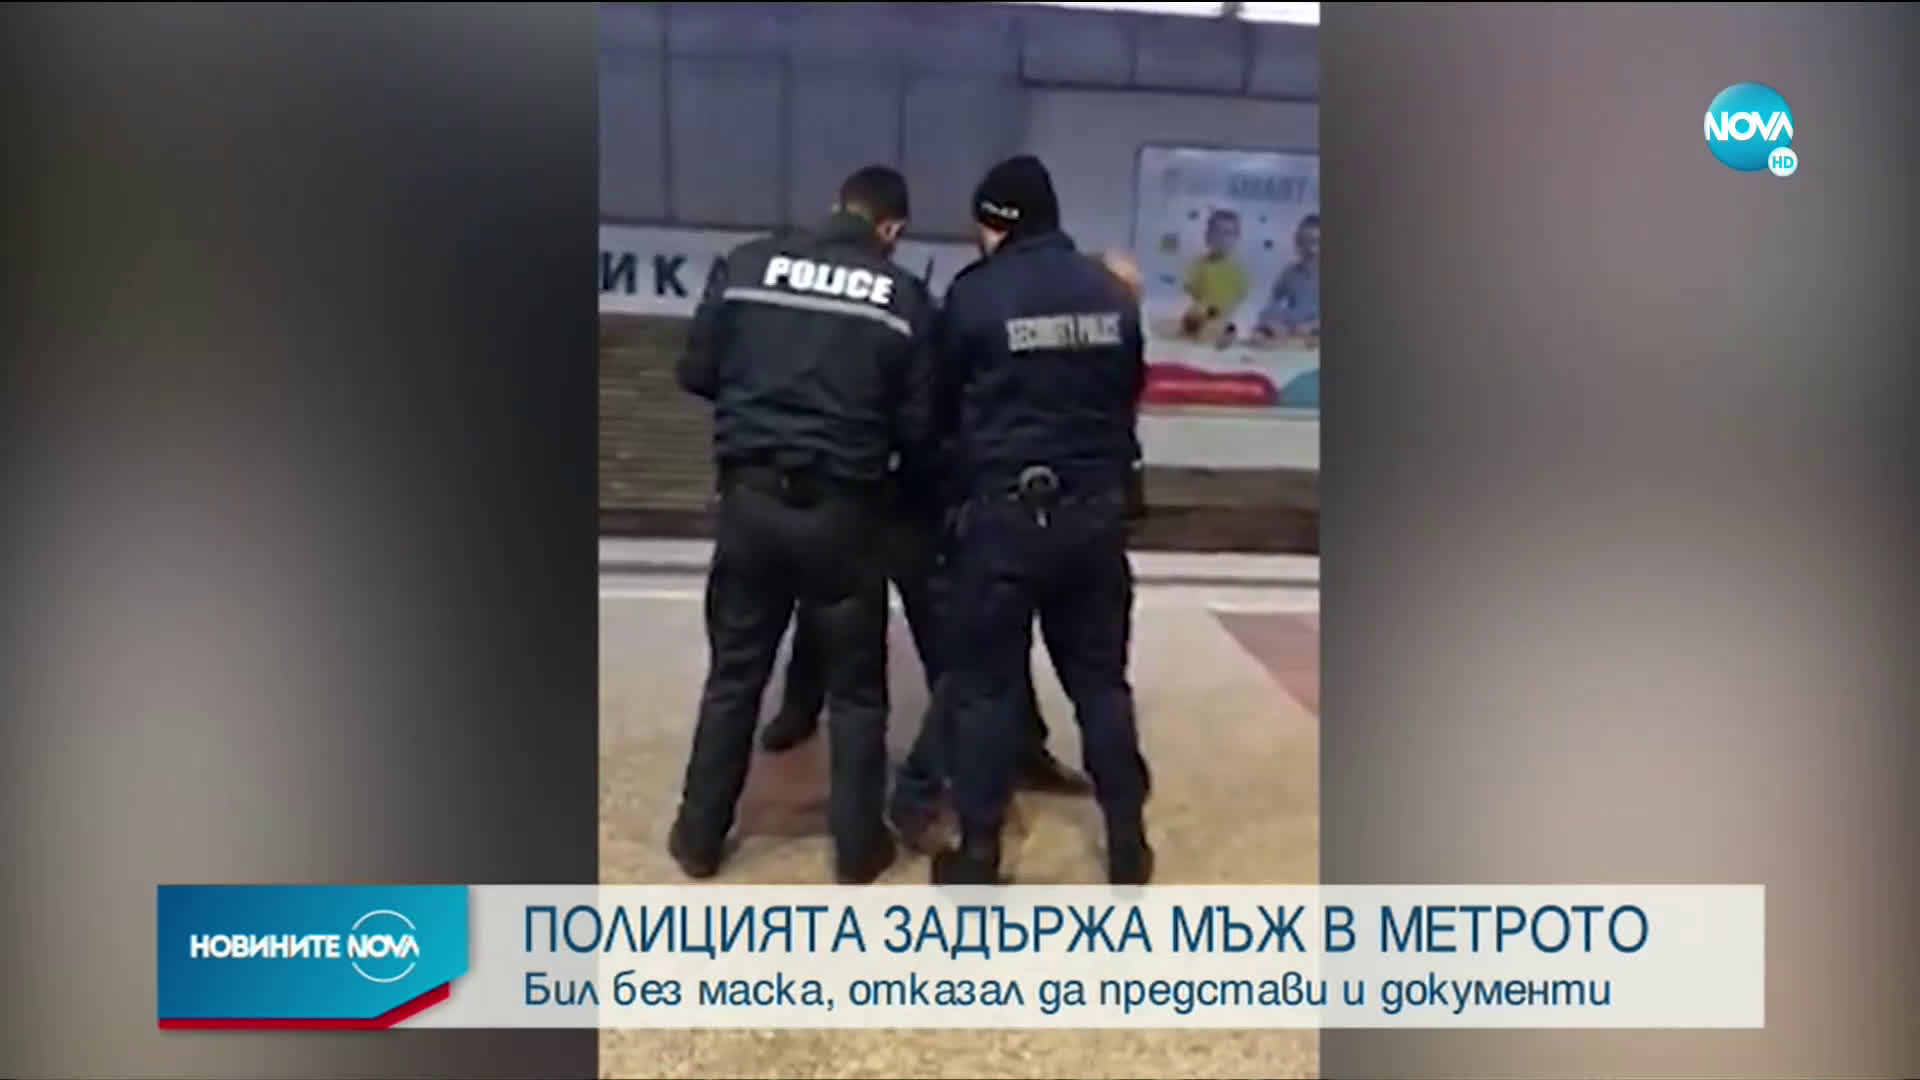 Полицията задържа мъж в столичното метро